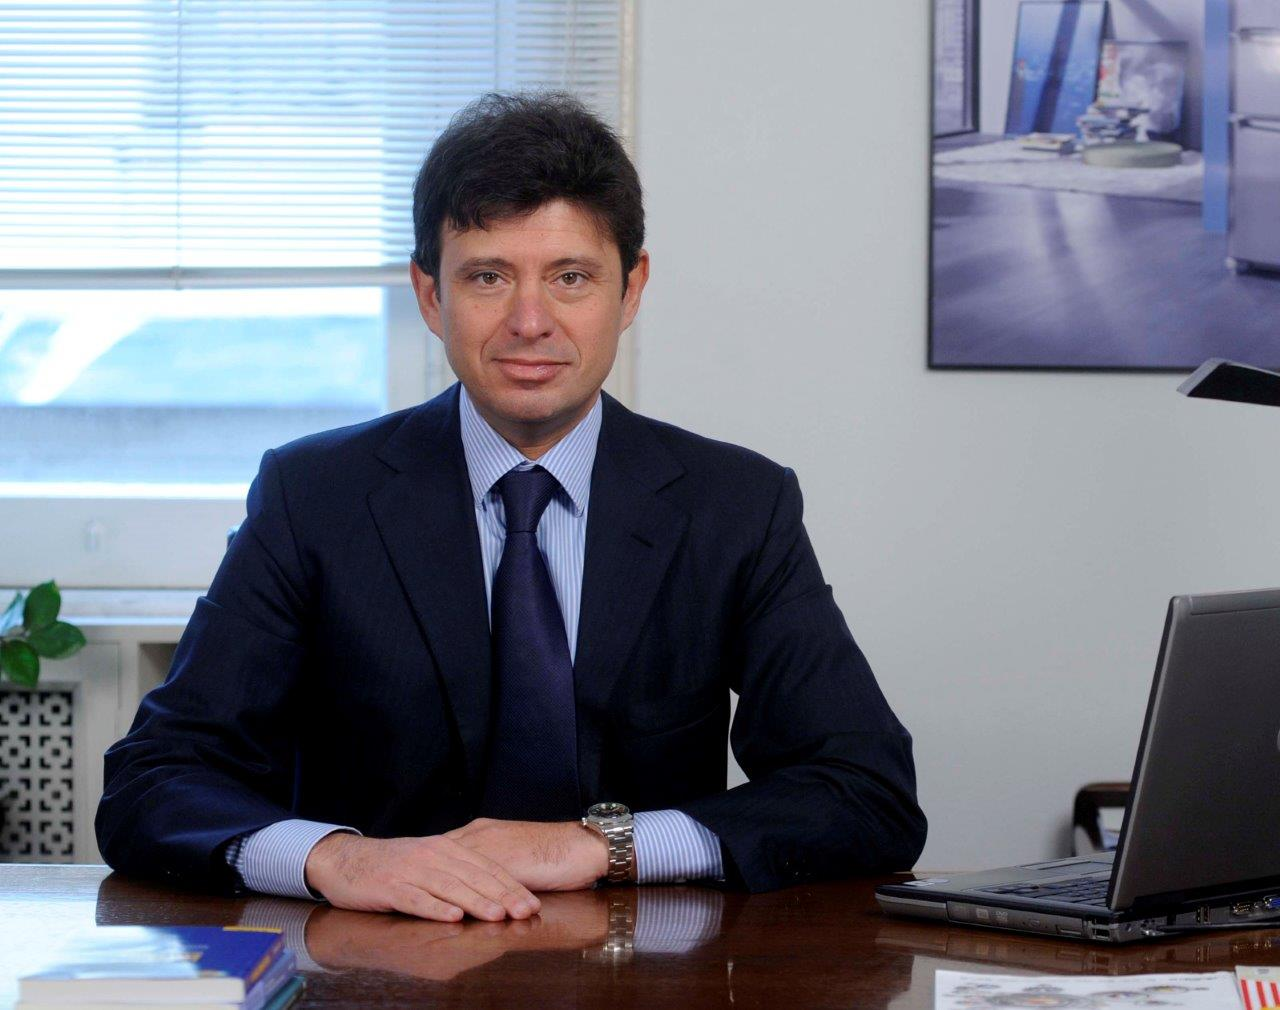 Lettera del Presidente Associazione Amici dell'Italia e della Russia (A.A.I.R.) Gaetano Casalaina